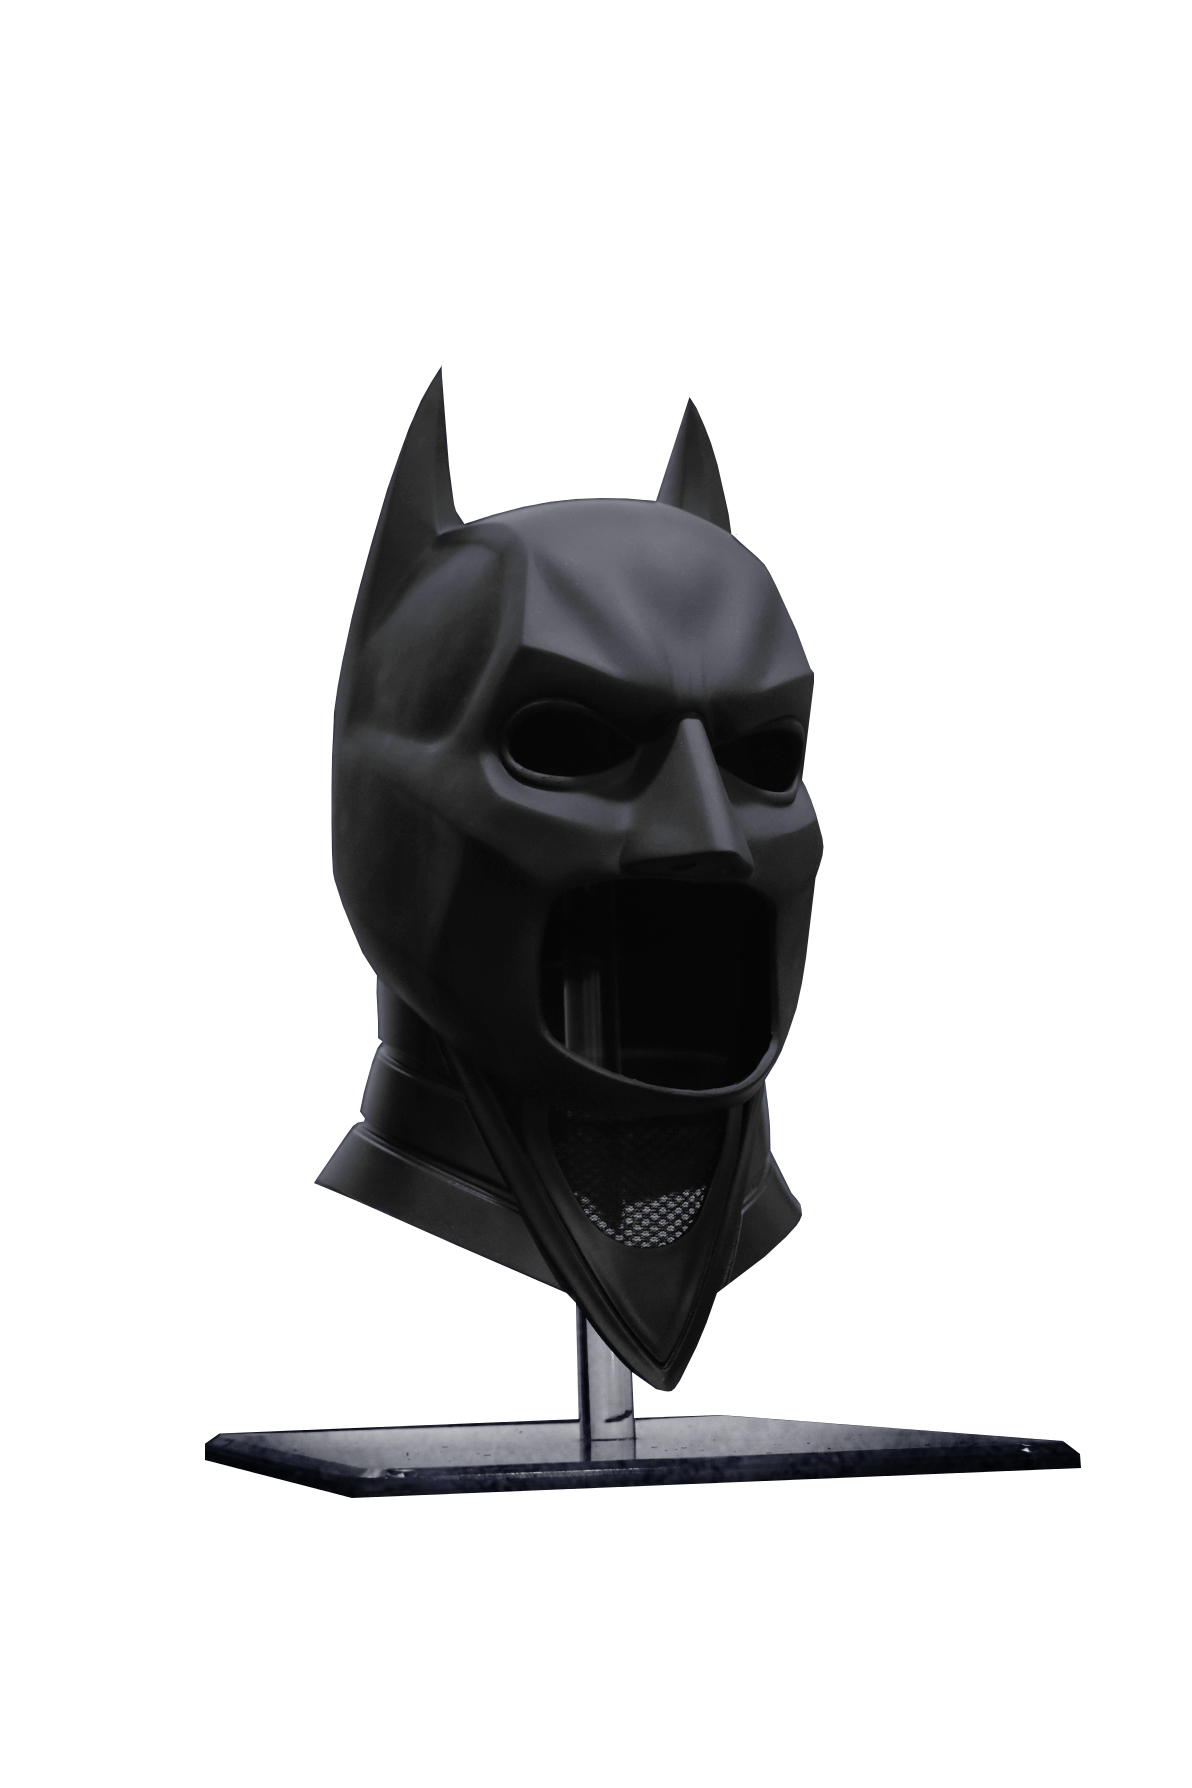 bretoys-batman-lifesize-helmet-toyslife